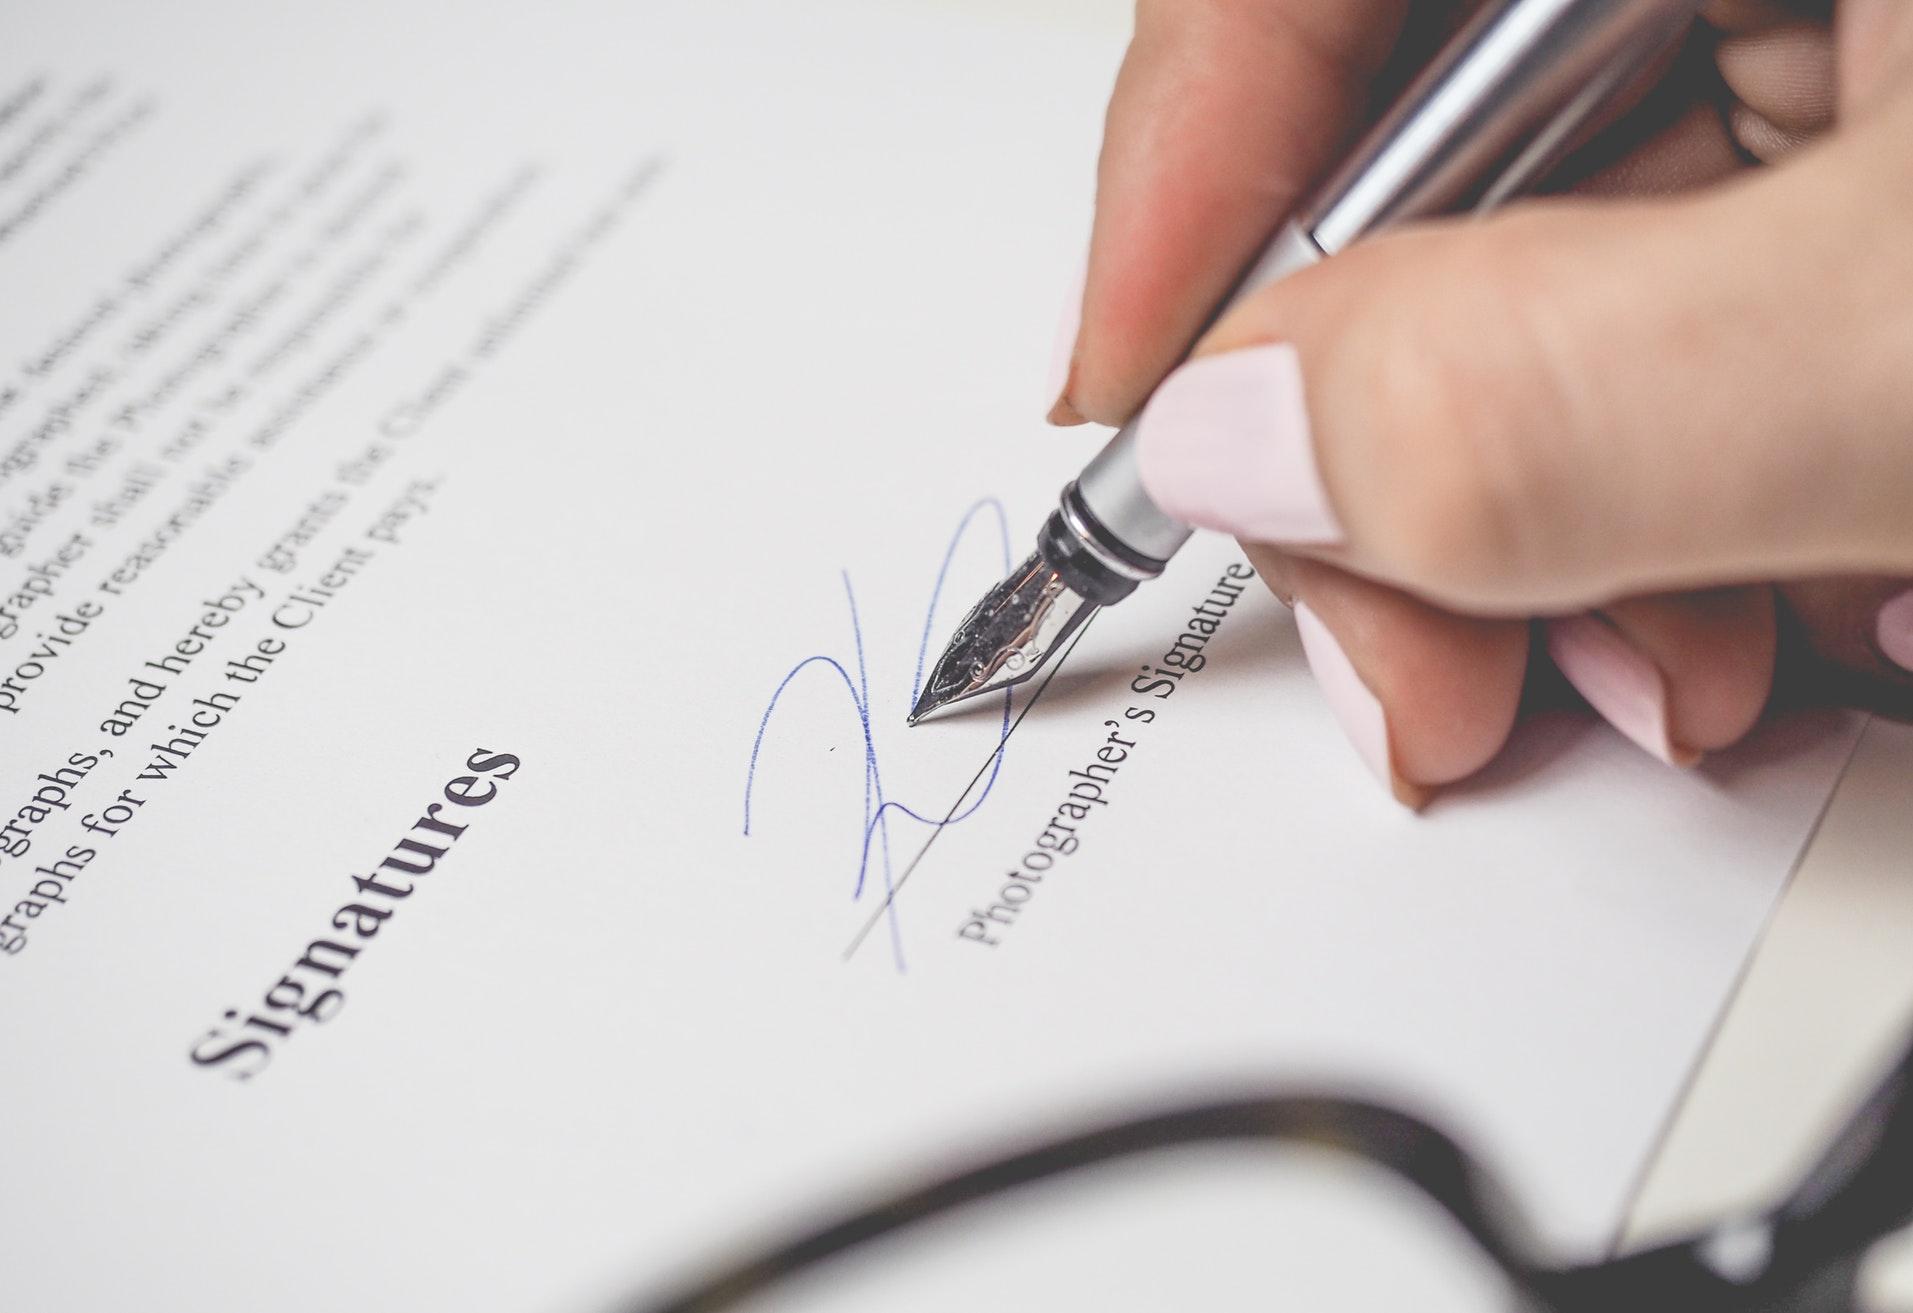 arbejde, arbejdsmarked, jobsøgning, job, dagpenge, nyuddannet, akasse, ansvar, universitet underskrift